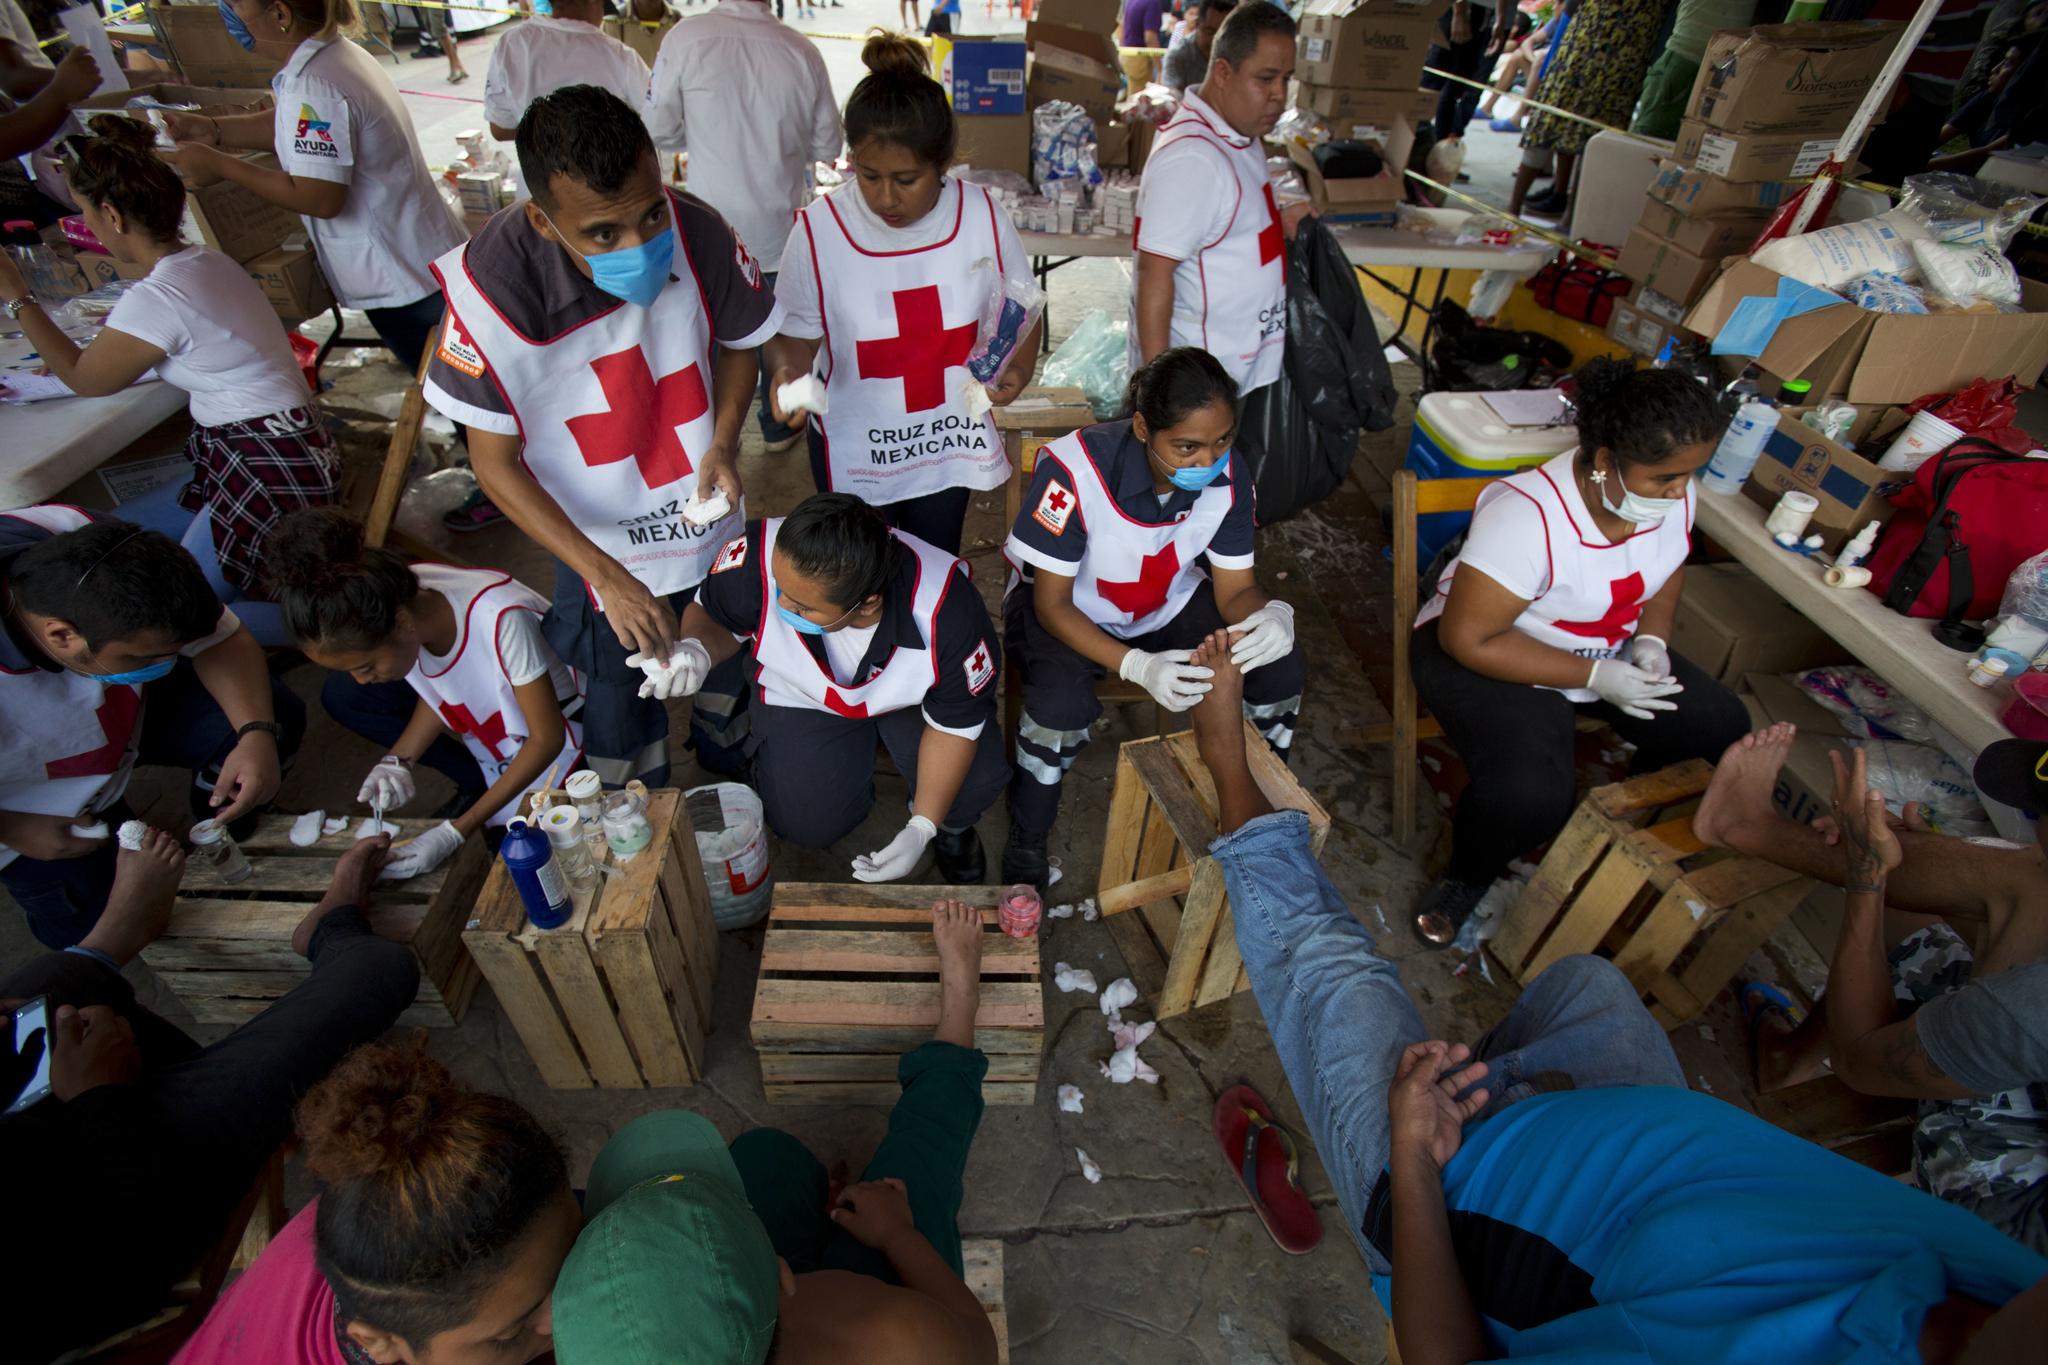 멕시코 적십자 자원봉사자들이 지난달 26일(현지시간) 멕시코 아리아가에서 이민자 환자들을 치료하고 있다. [AP=연합뉴스]